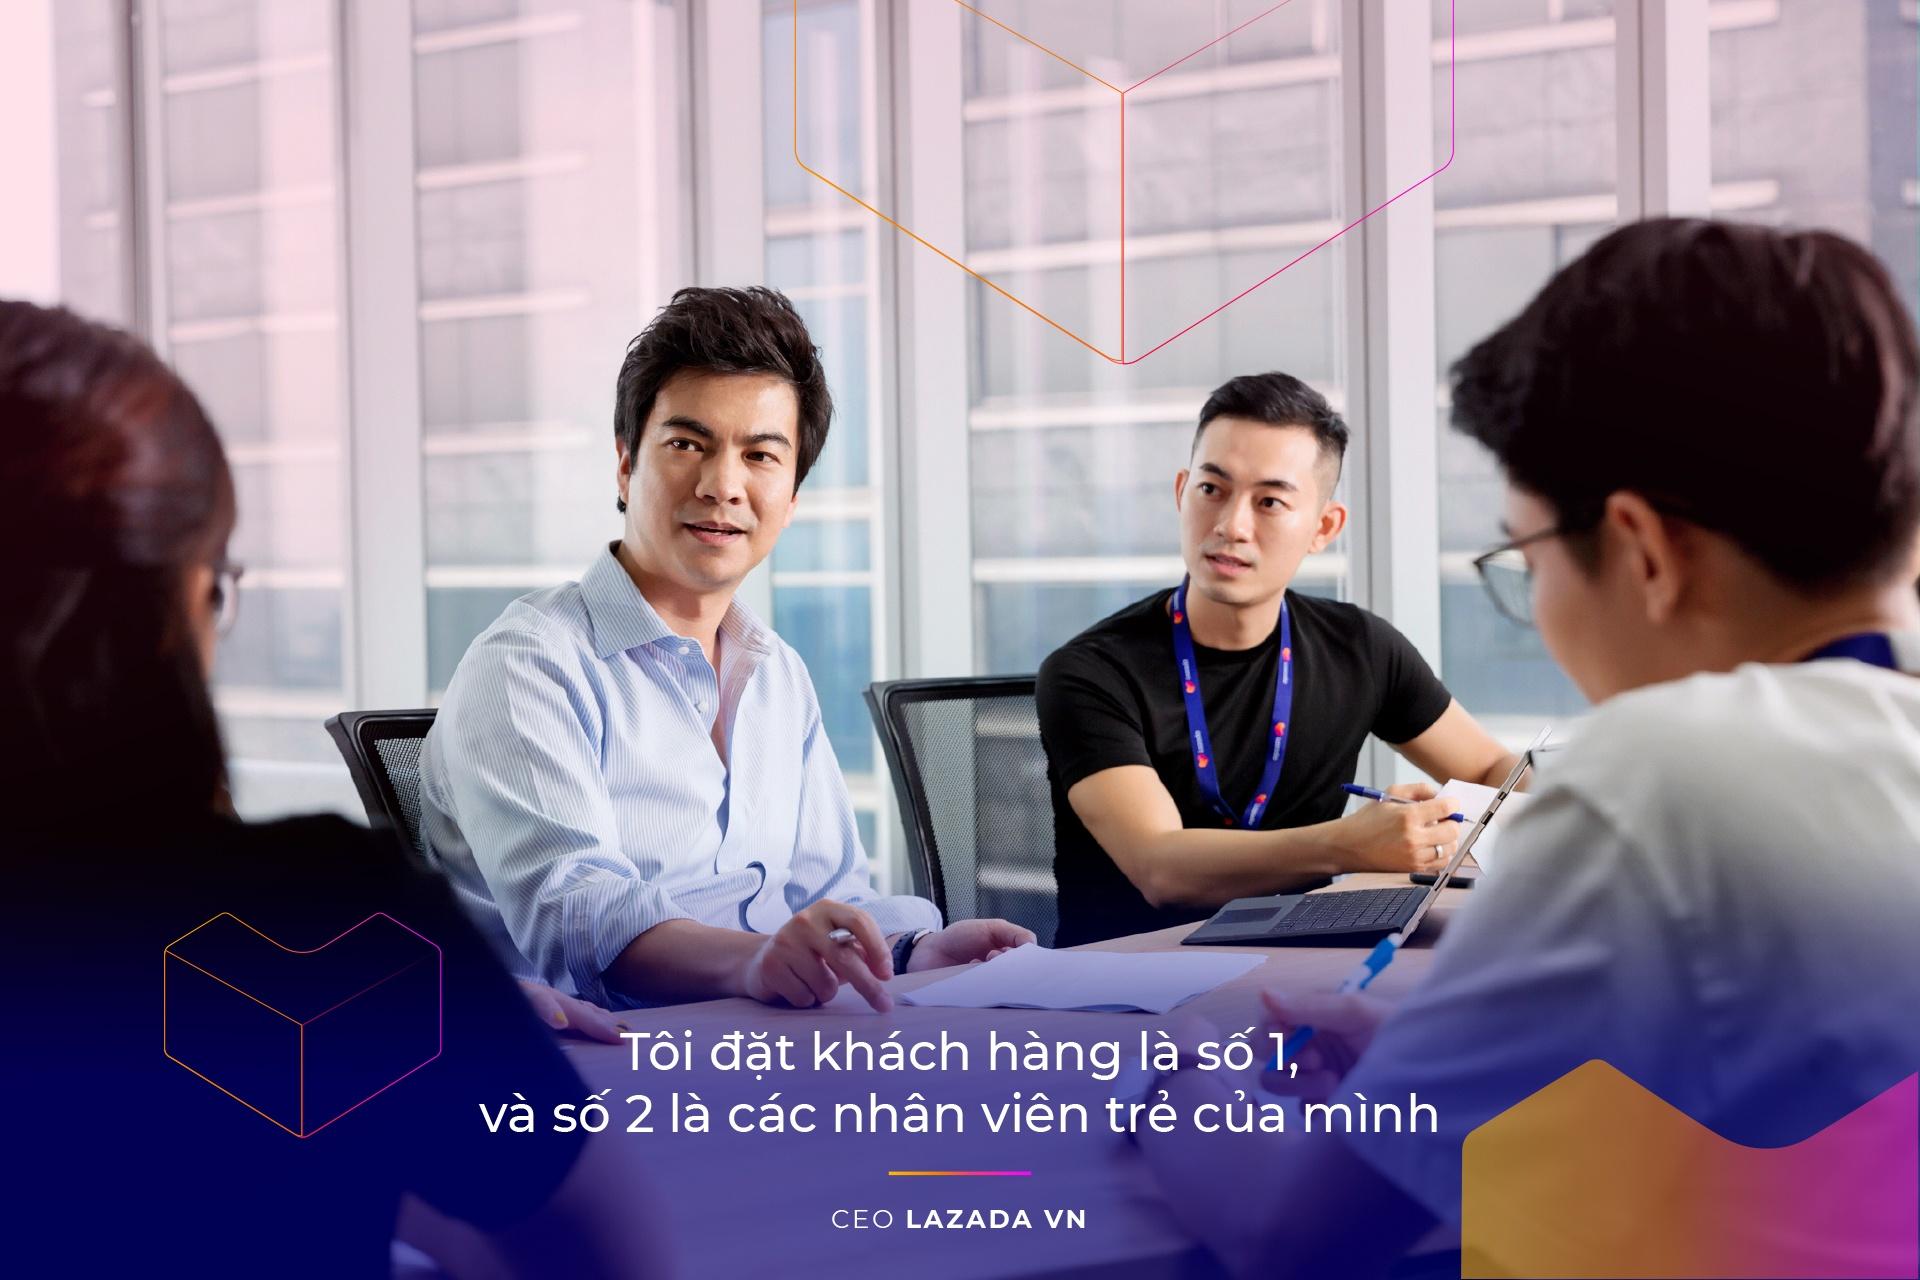 CEO Lazada VN: 'Lazada se lam thoa man duoc nhung tai nang tre' hinh anh 8